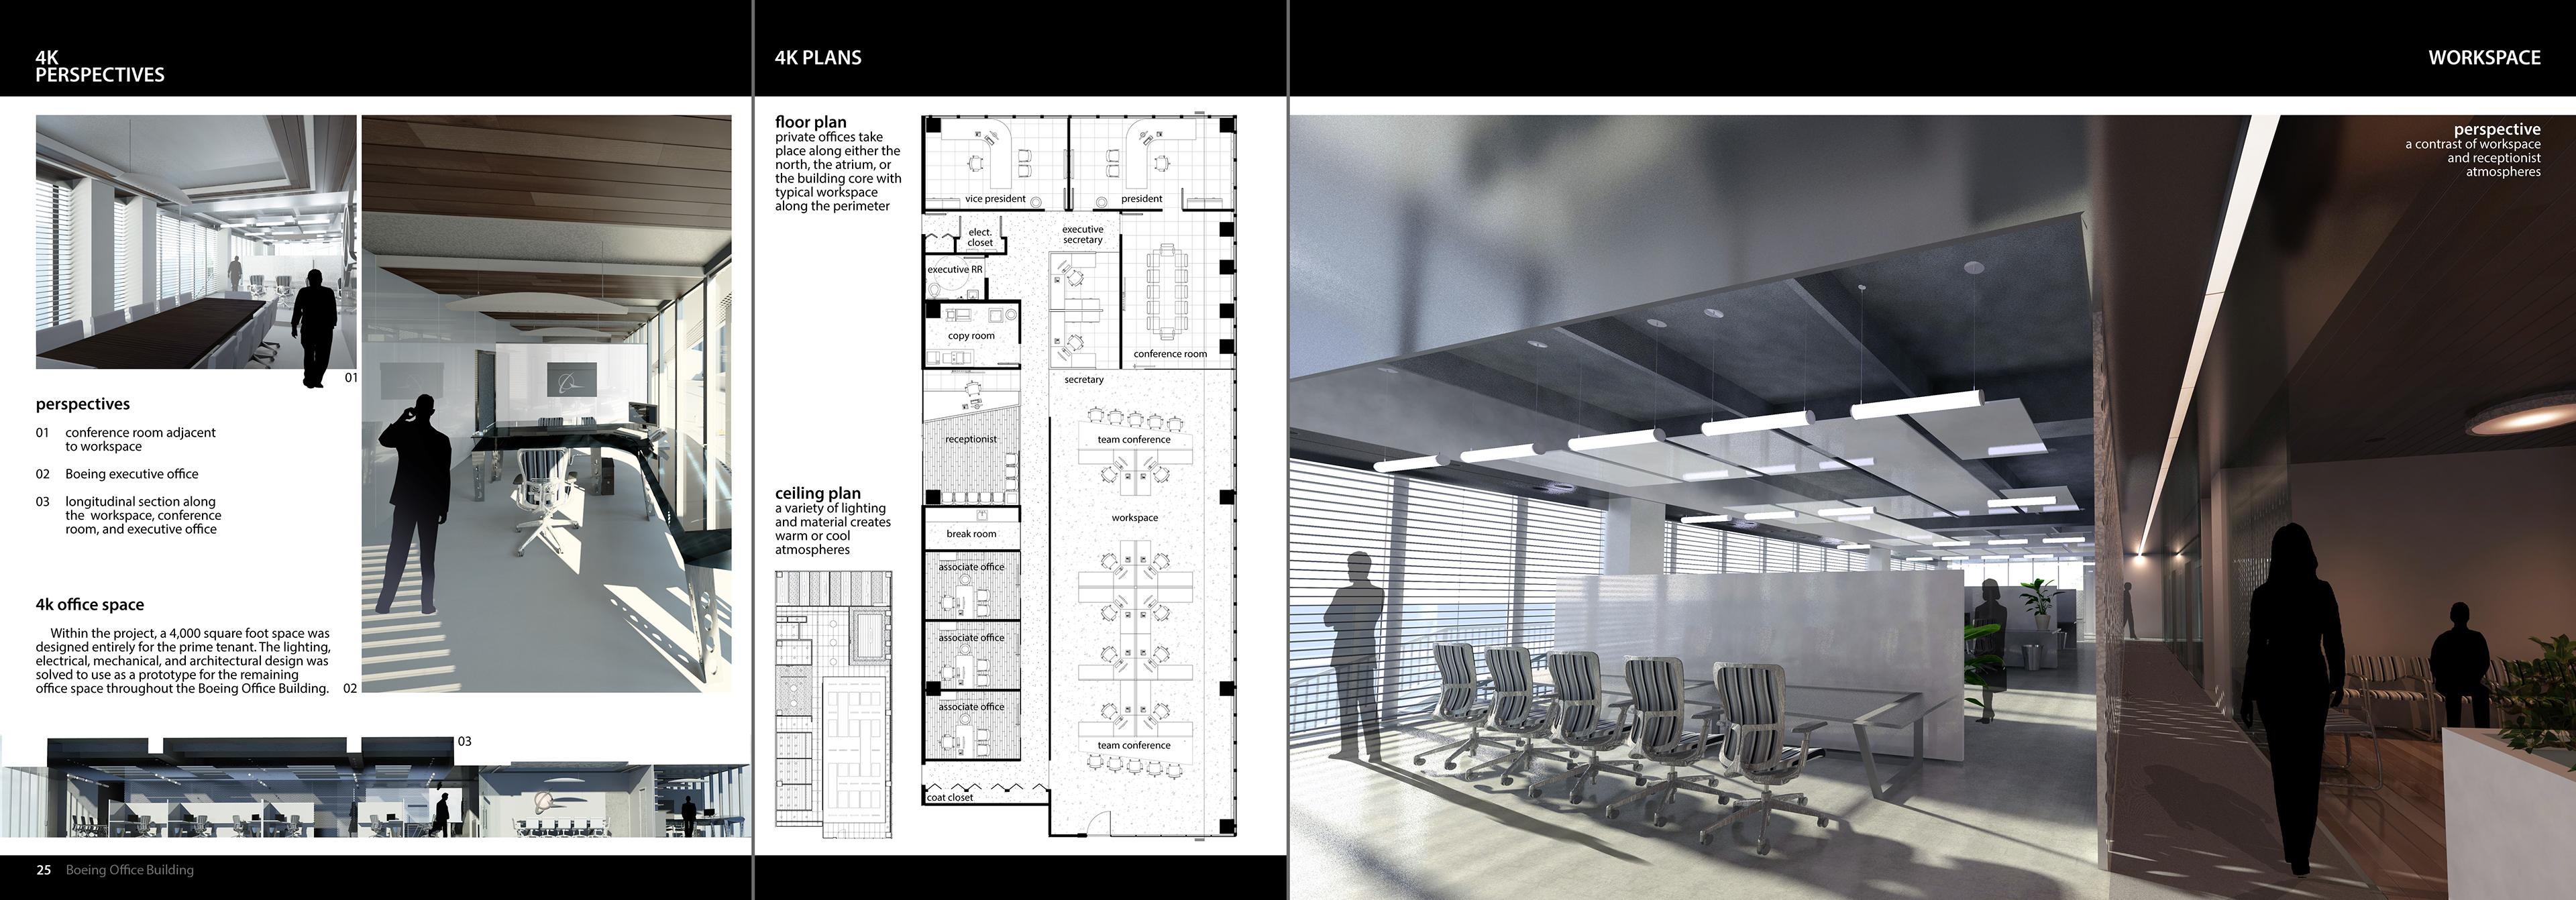 Geliebte Student Architecture Portfolio on Behance #WI_95